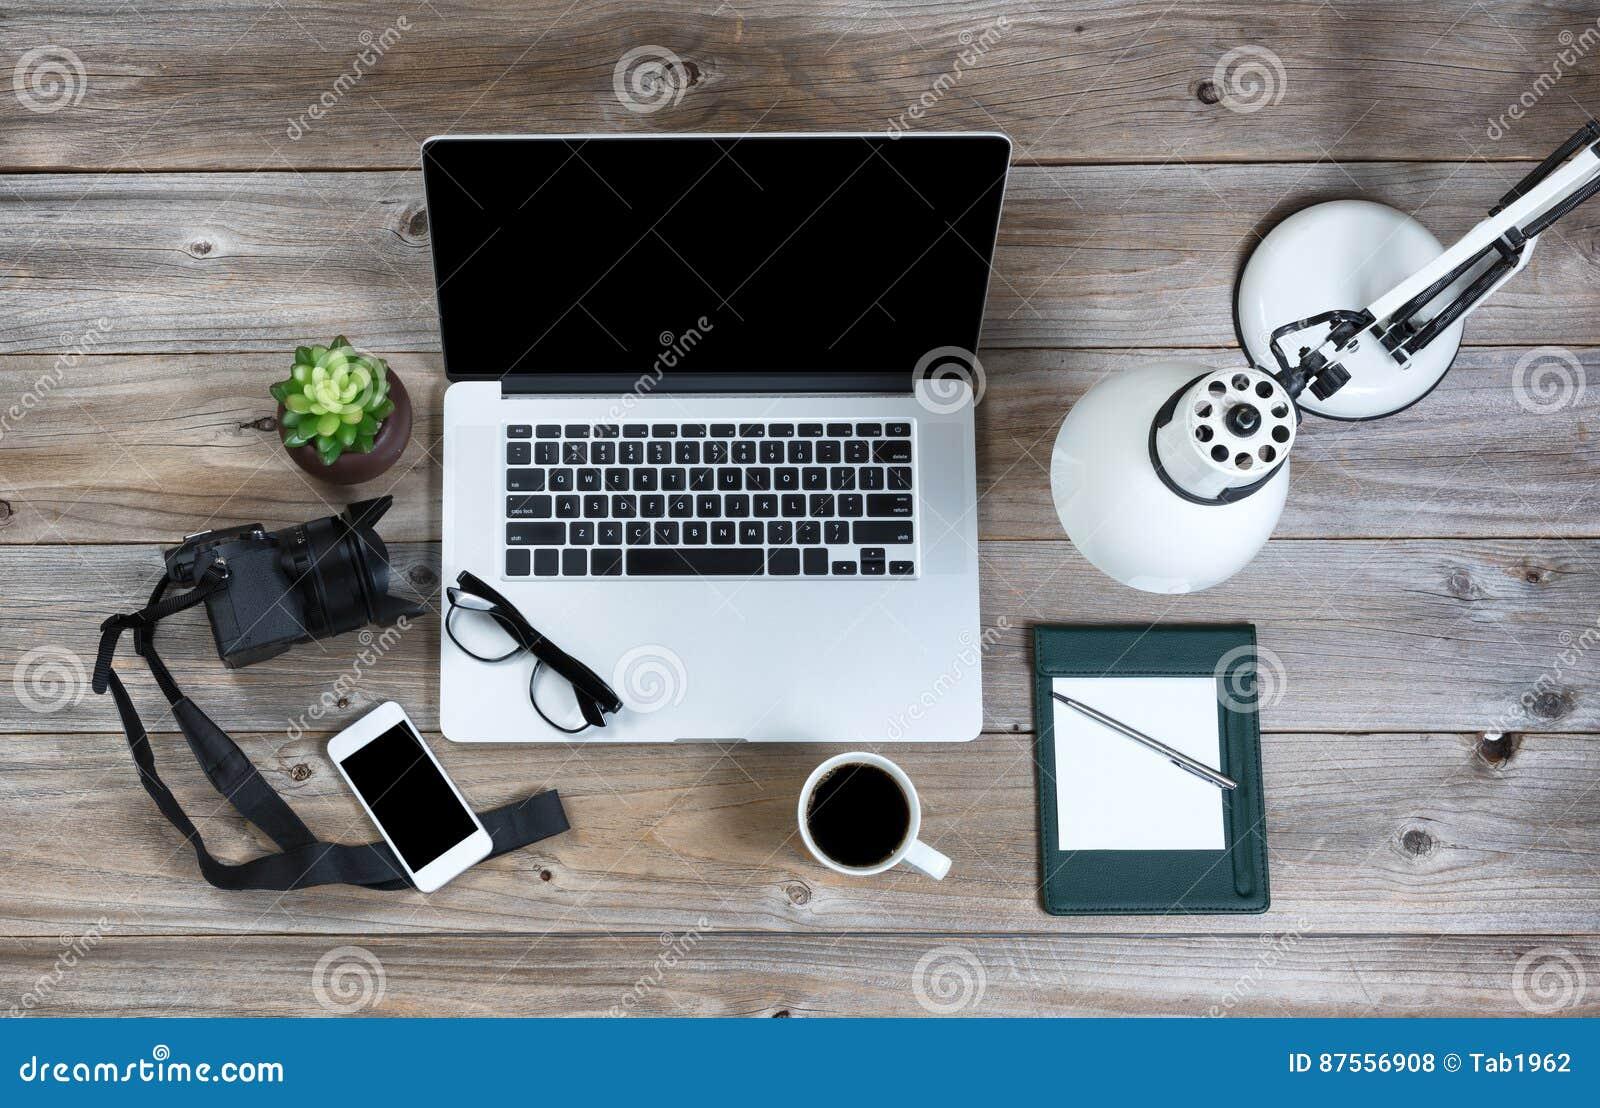 Ordinateur portable sur un bureau en bois rustique image tonique